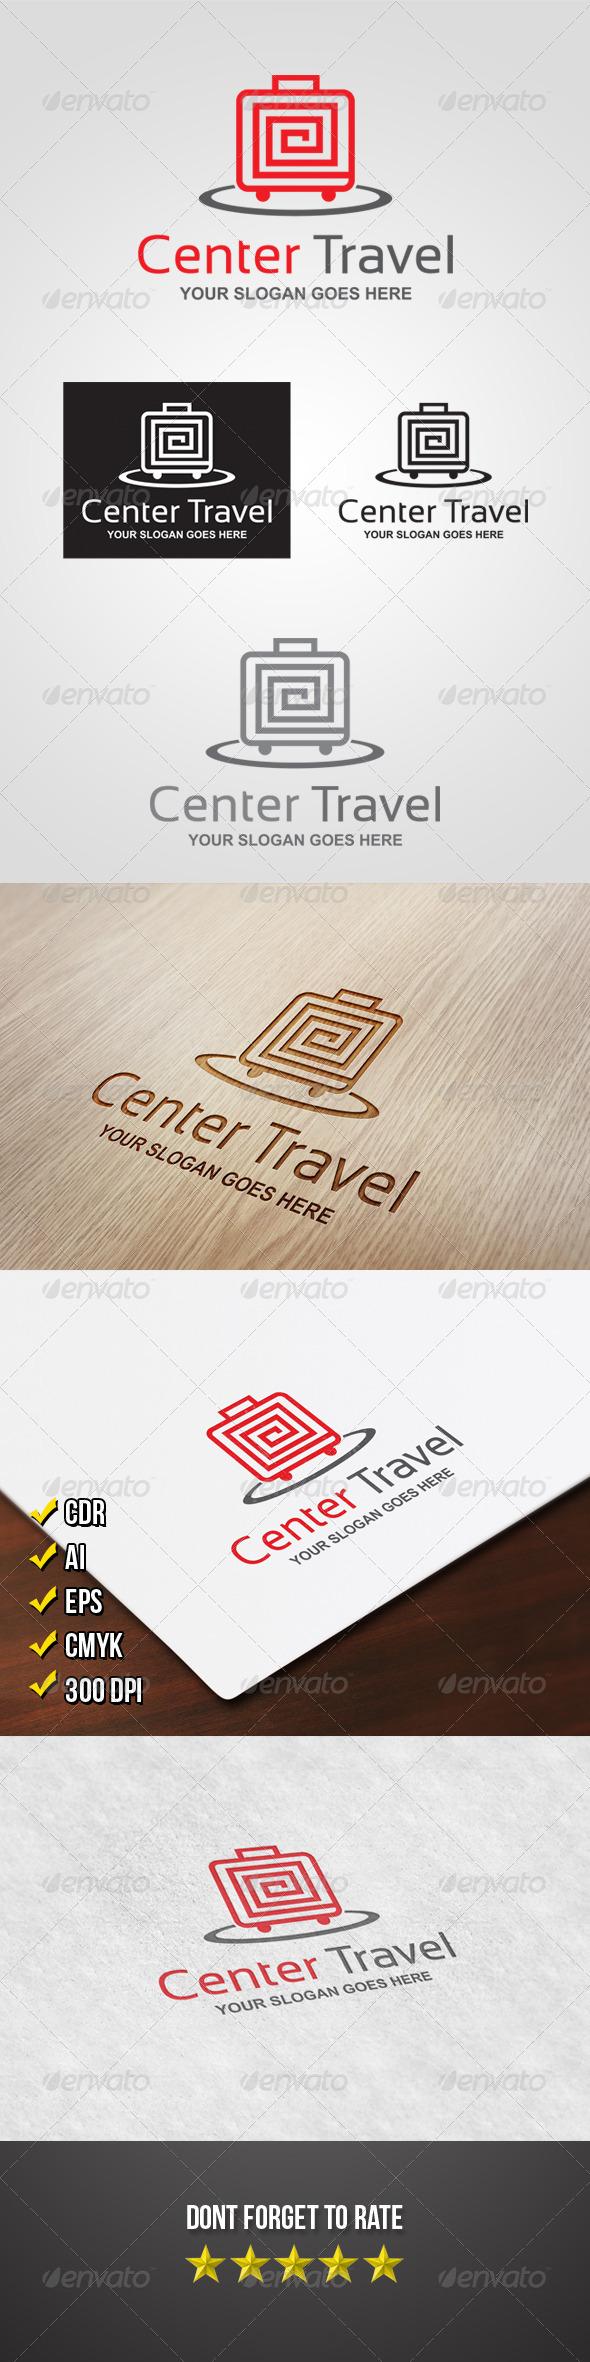 GraphicRiver Center Travel Logo 5479607